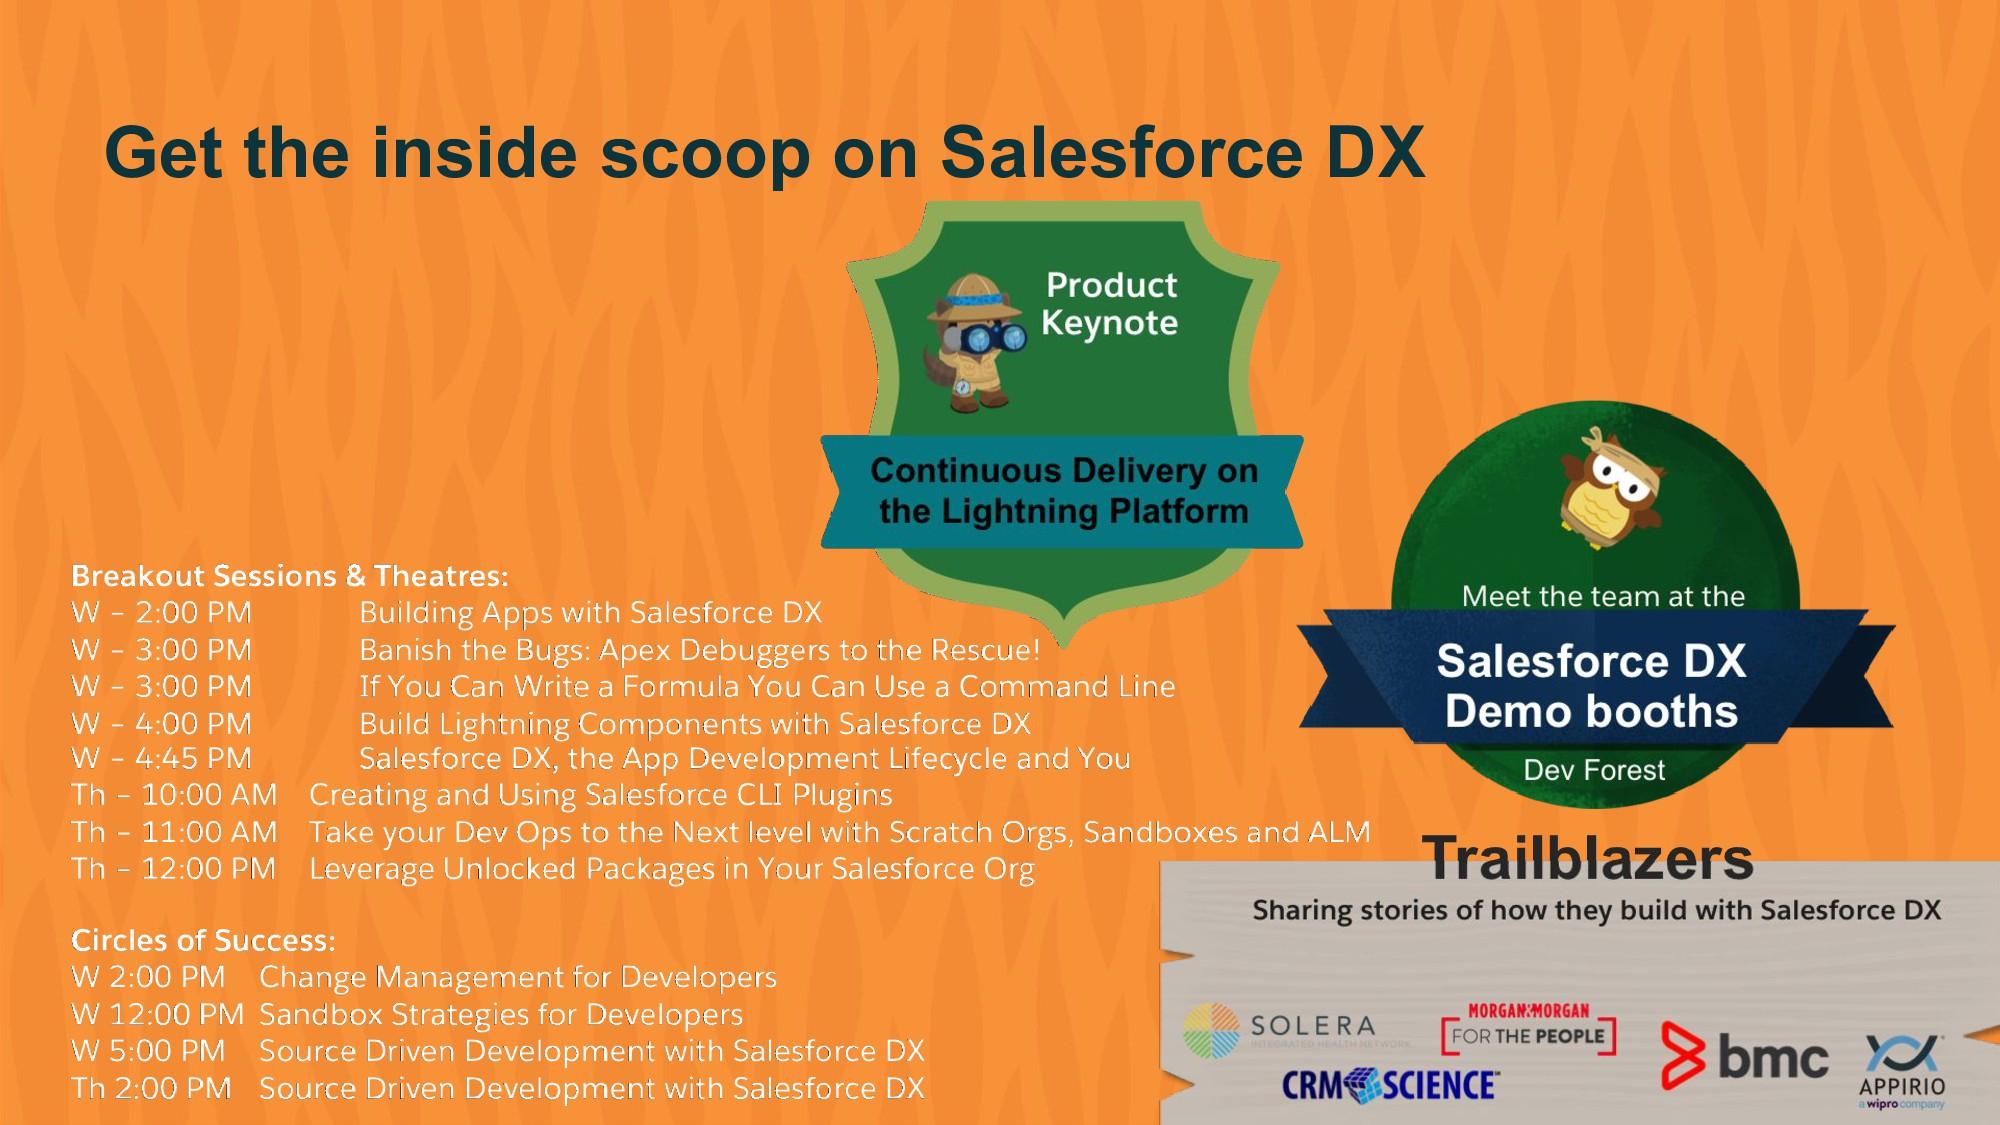 Get the inside scoop on Salesforce DX